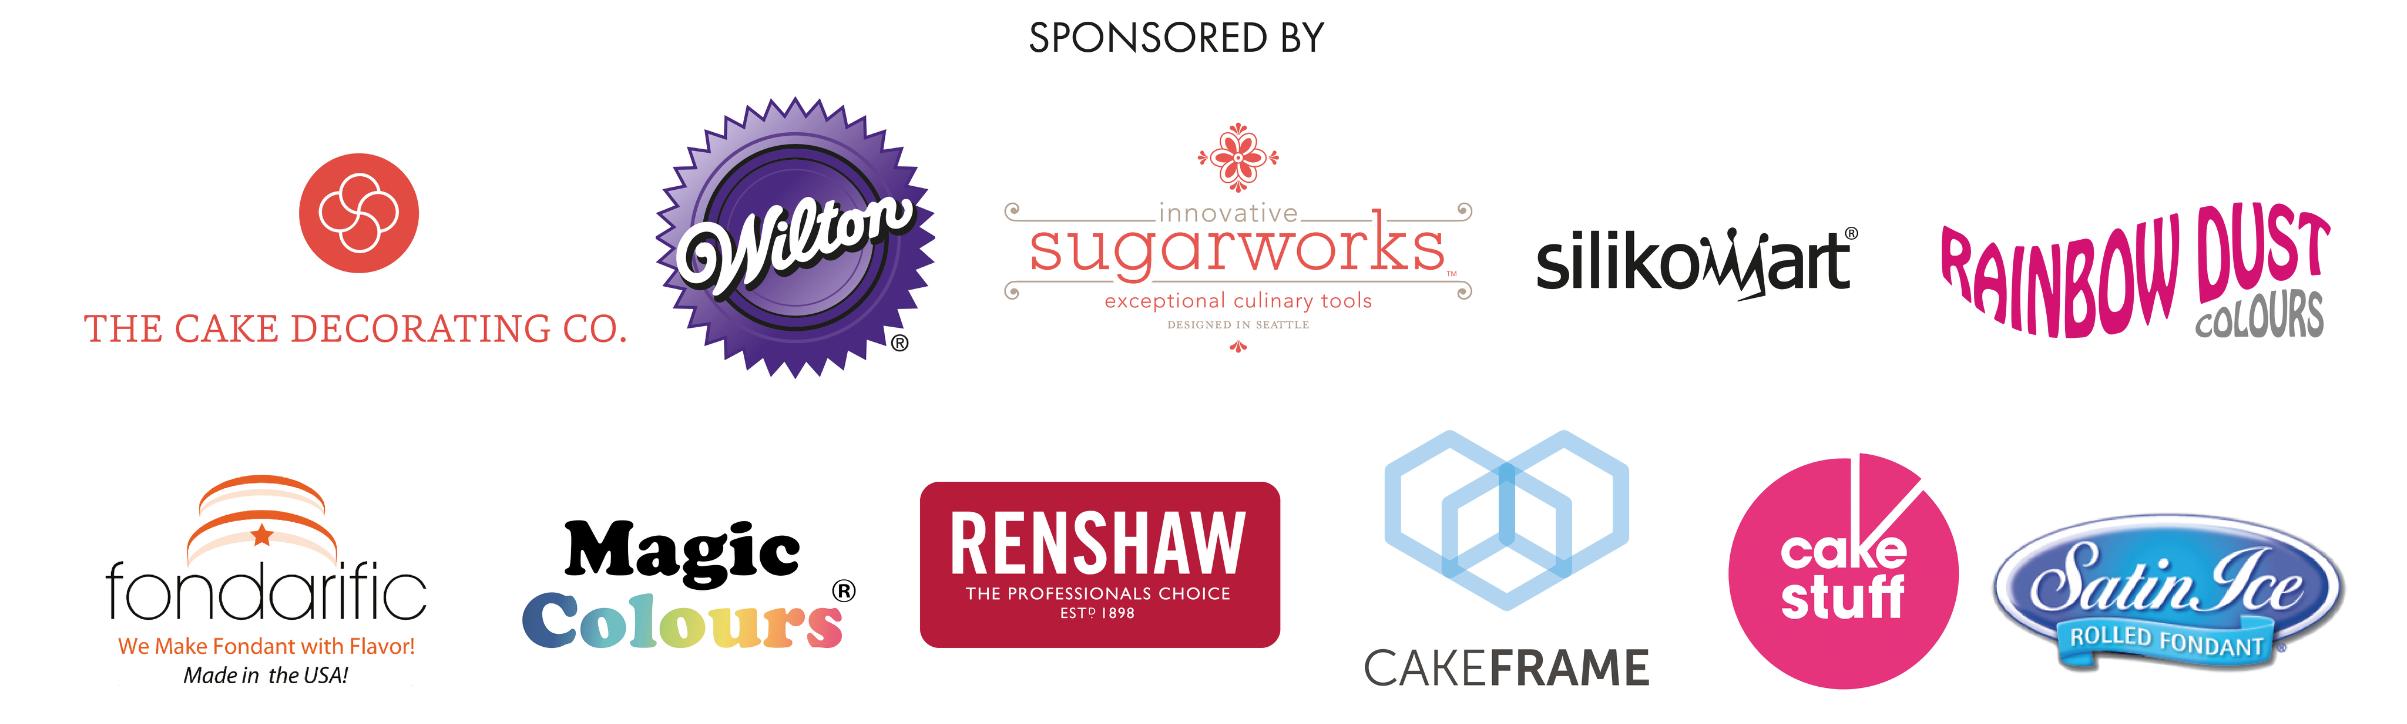 Cake Masters Magazine Awards Sponsors 2016